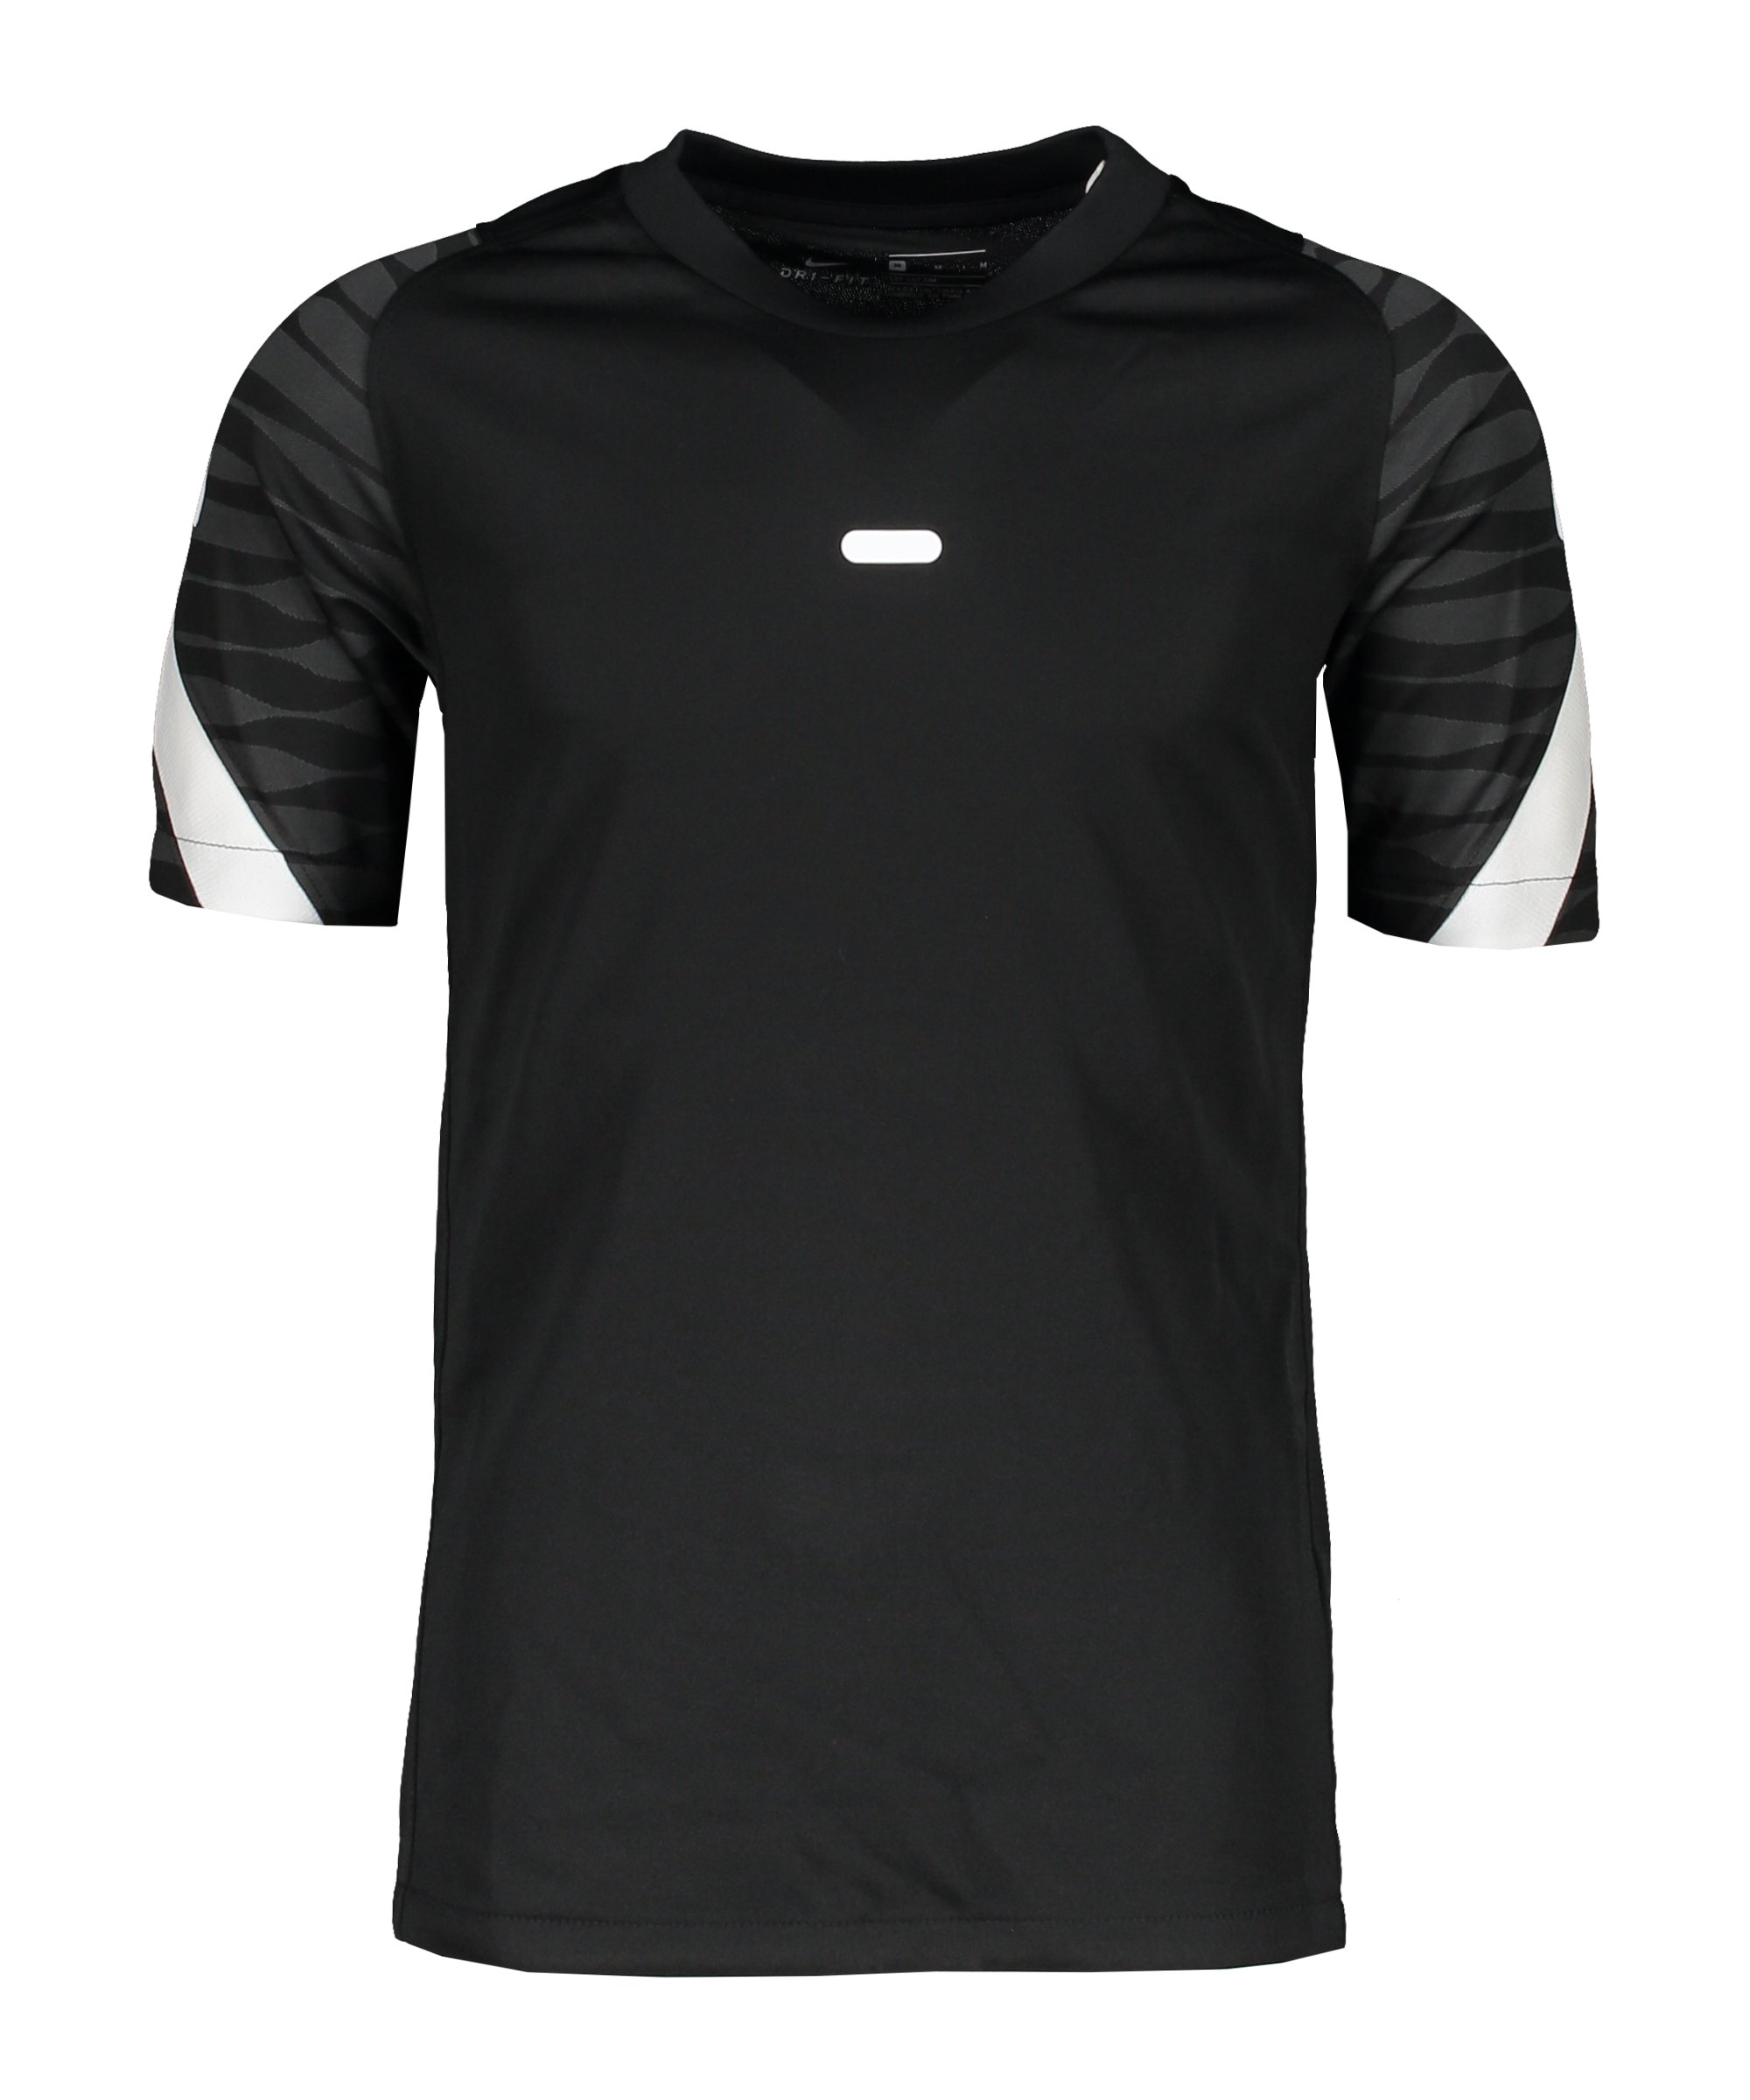 Nike Strike 21 T-Shirt Schwarz Weiss F010 - schwarz